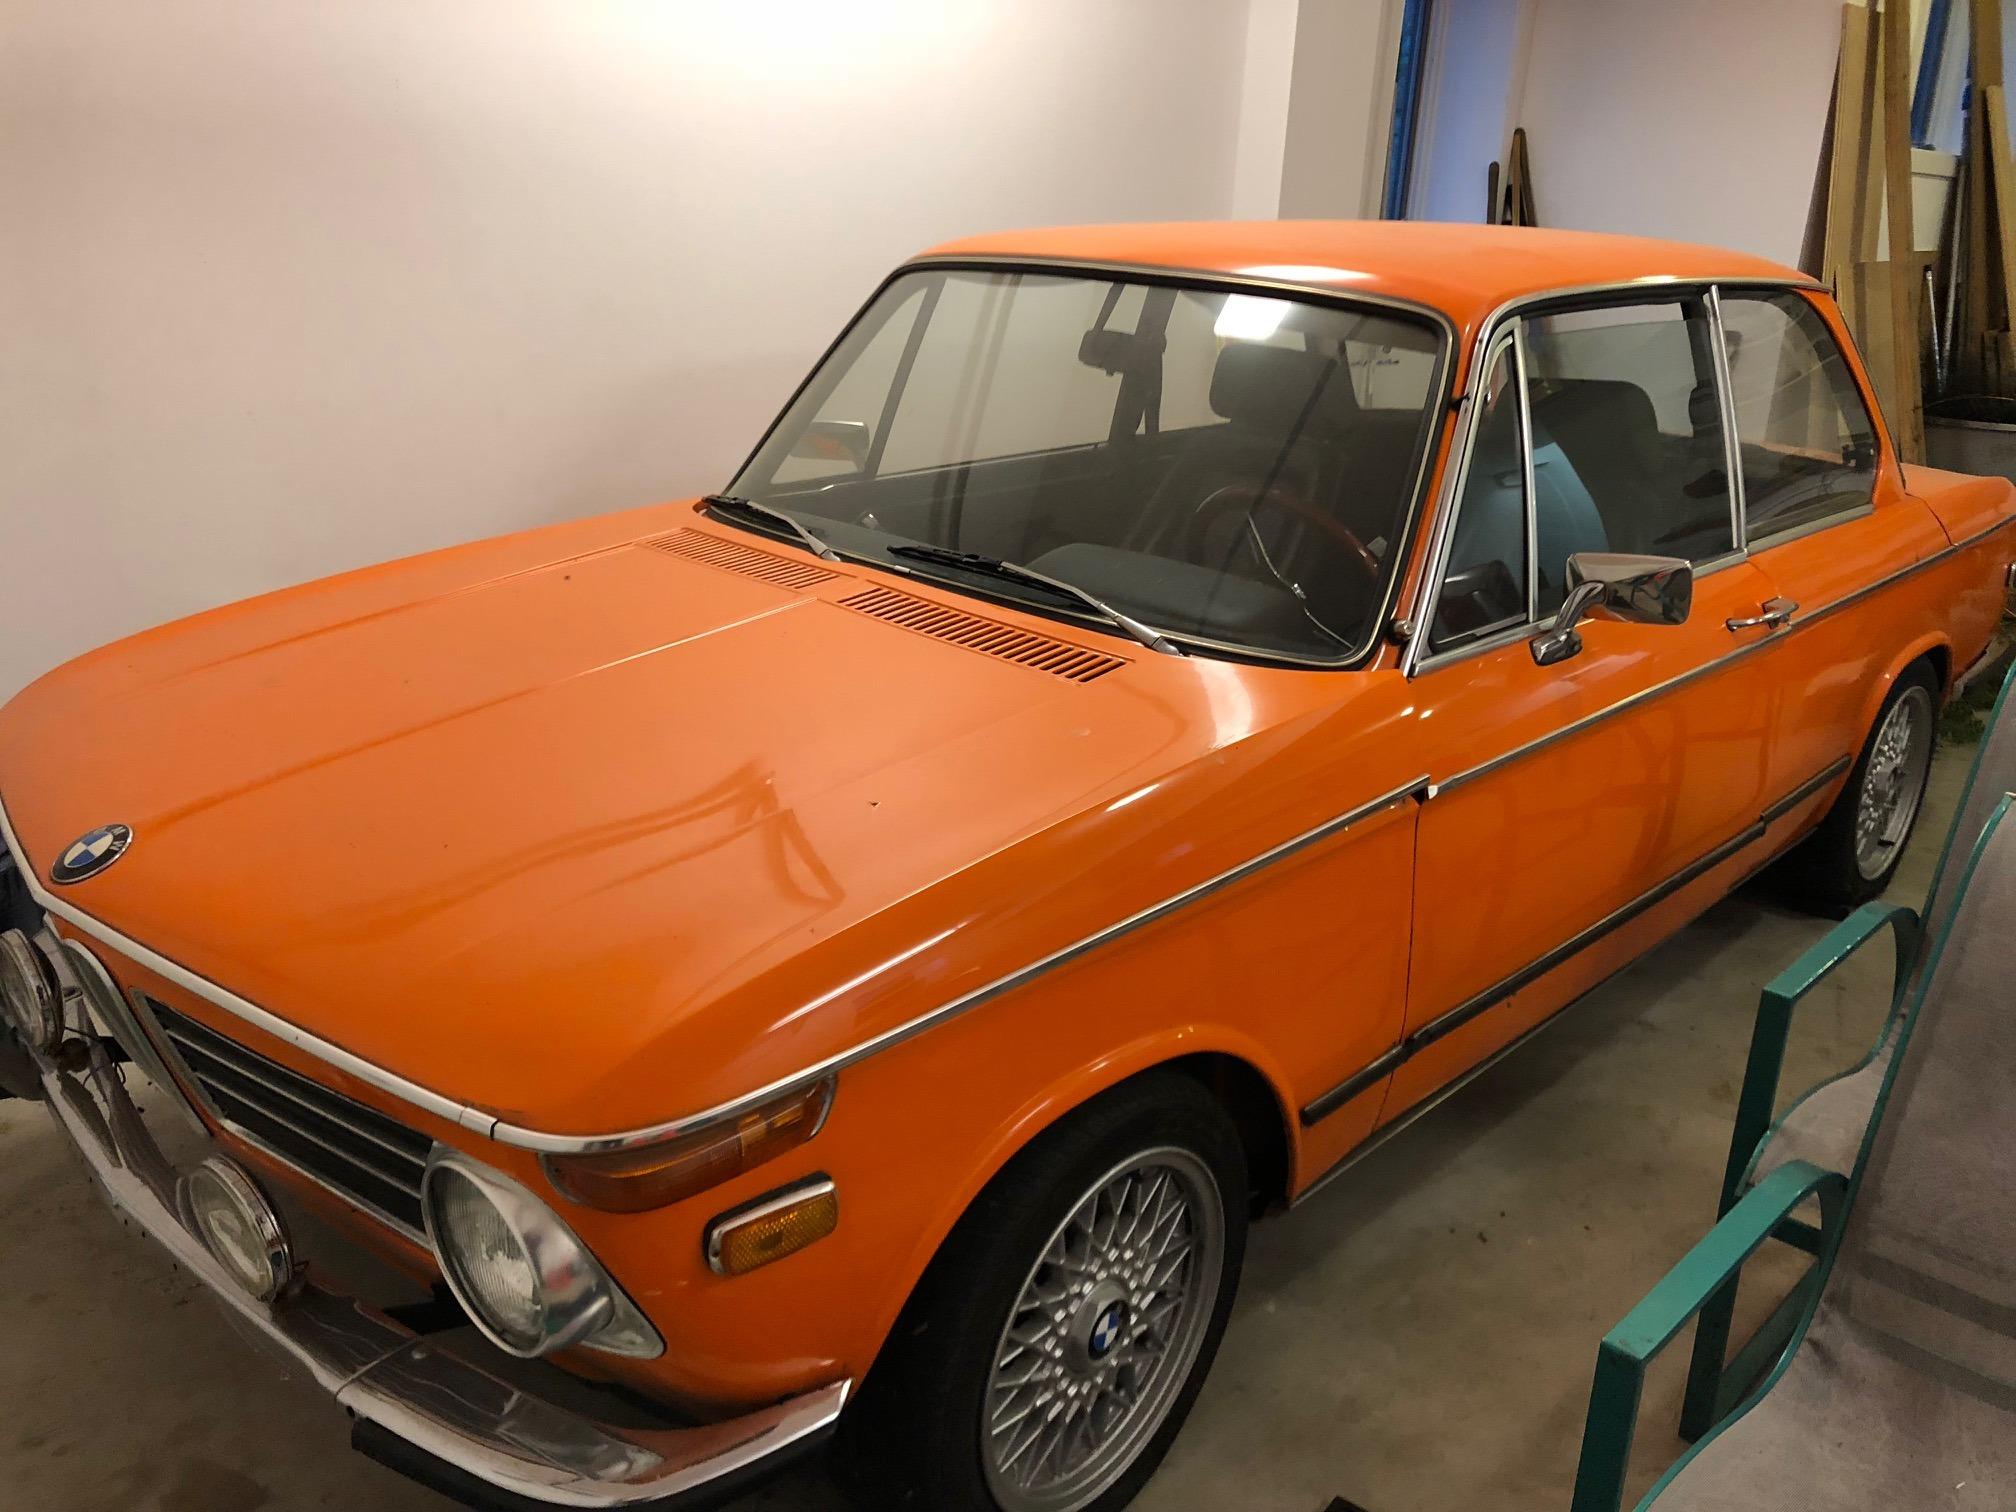 1973 Bmw 2002tii Inka Orange Bmw 2002 And Neue Klasse Cars For Sale Wanted Bmw 2002 Faq